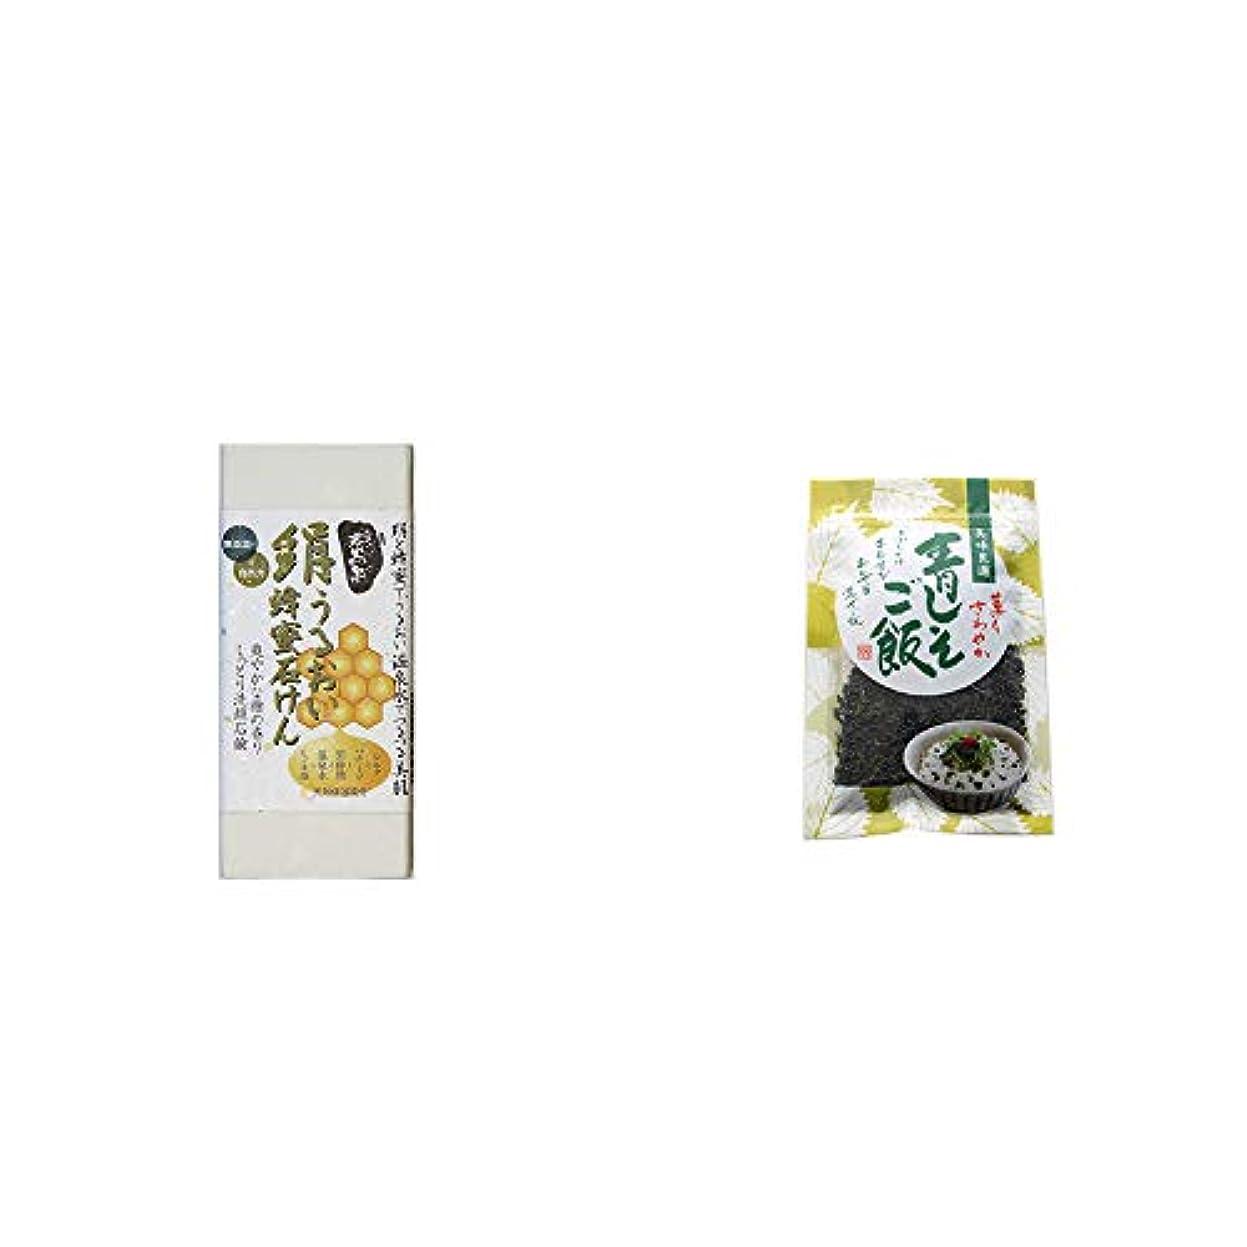 寝てる戦争迫害[2点セット] ひのき炭黒泉 絹うるおい蜂蜜石けん(75g×2)?薫りさわやか 青しそご飯(80g)